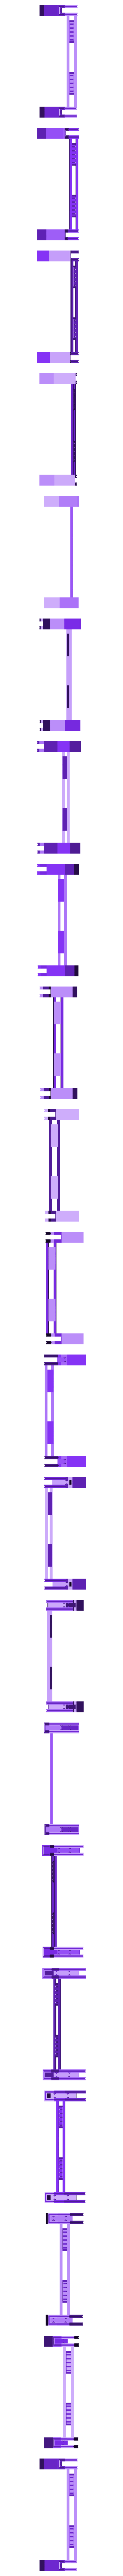 HULL-rails.STL Télécharger fichier STL gratuit Cybran T2 Destroyer - Salem Class • Plan à imprimer en 3D, Steyrc